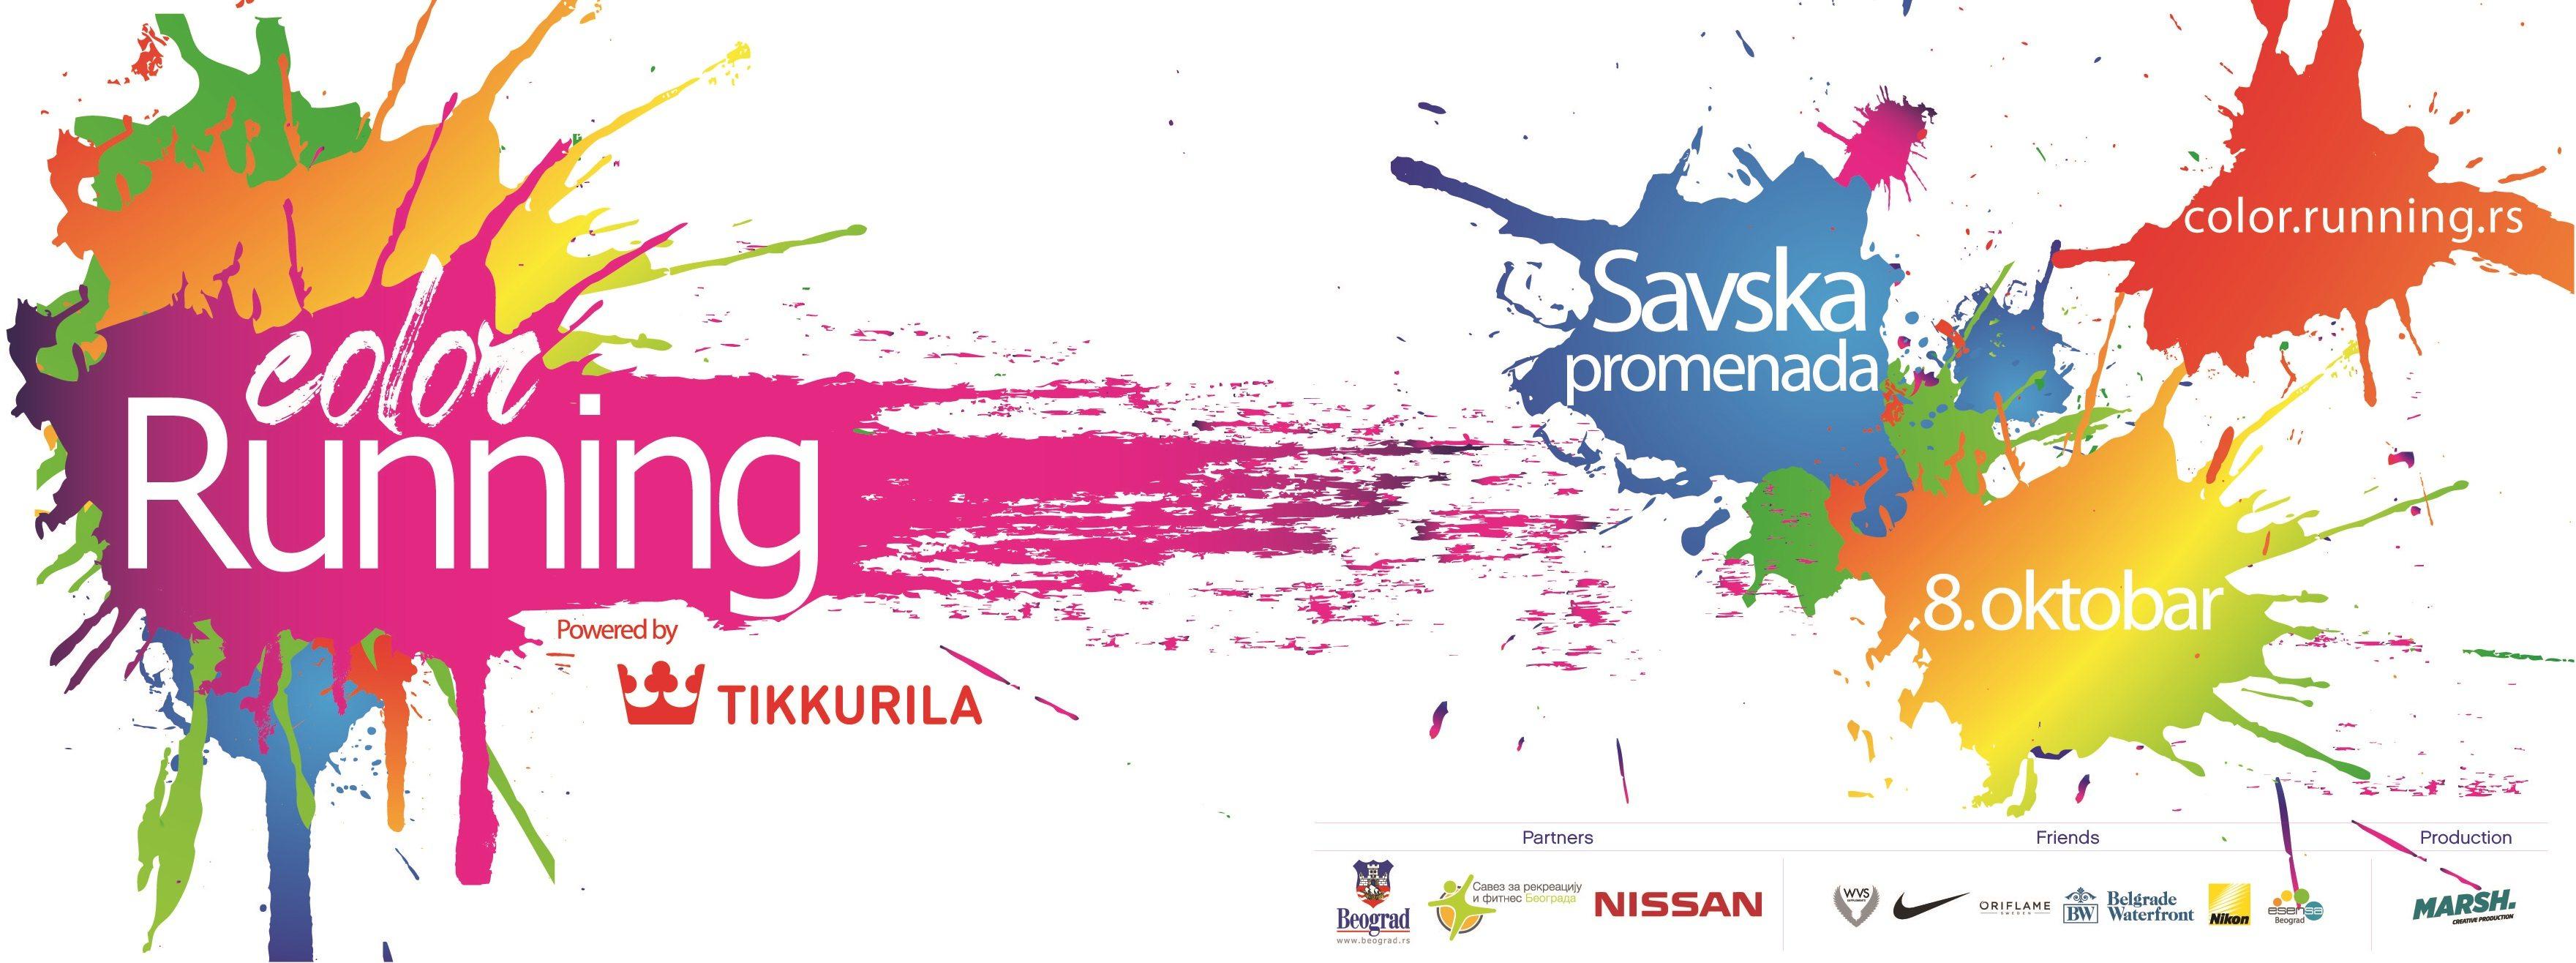 Jedna od najpopularnijih i najuzbudljivijih tematskih trka u svetu, čija je osnovna karakteristika posipanje učesnika bojama organskog porekla održaće se drugu godinu za redom u Beogradu pod nazivom Color RUNNING powered by Tikkurila.